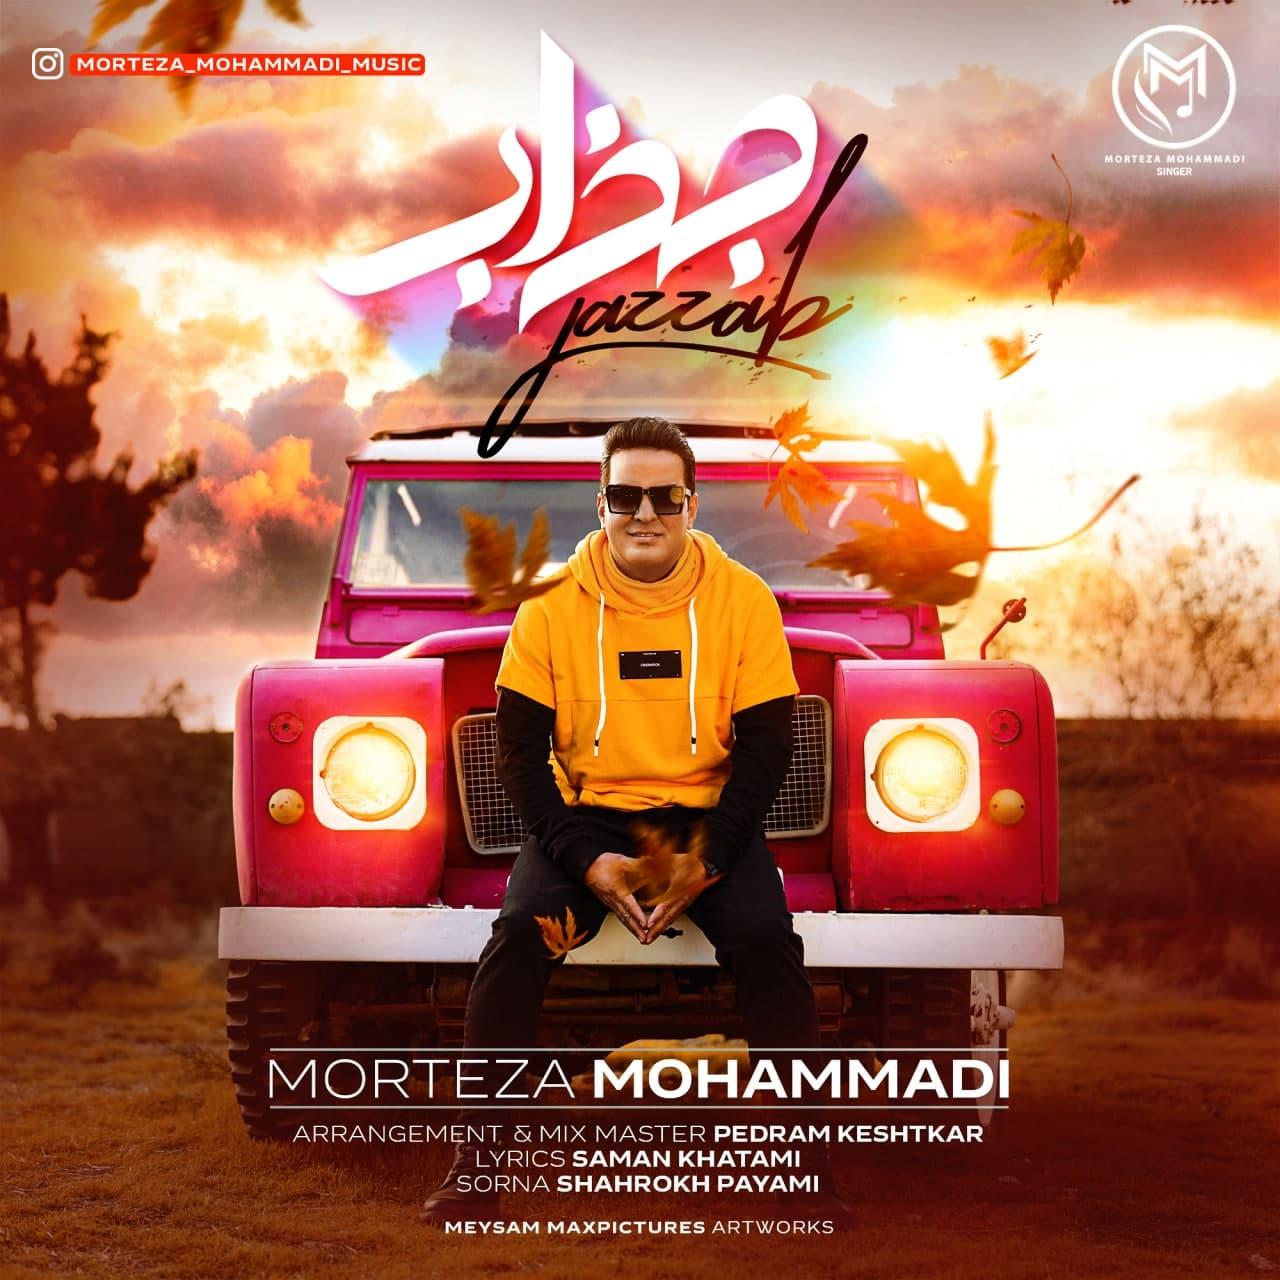 Morteza Mohammadi – Jazzab